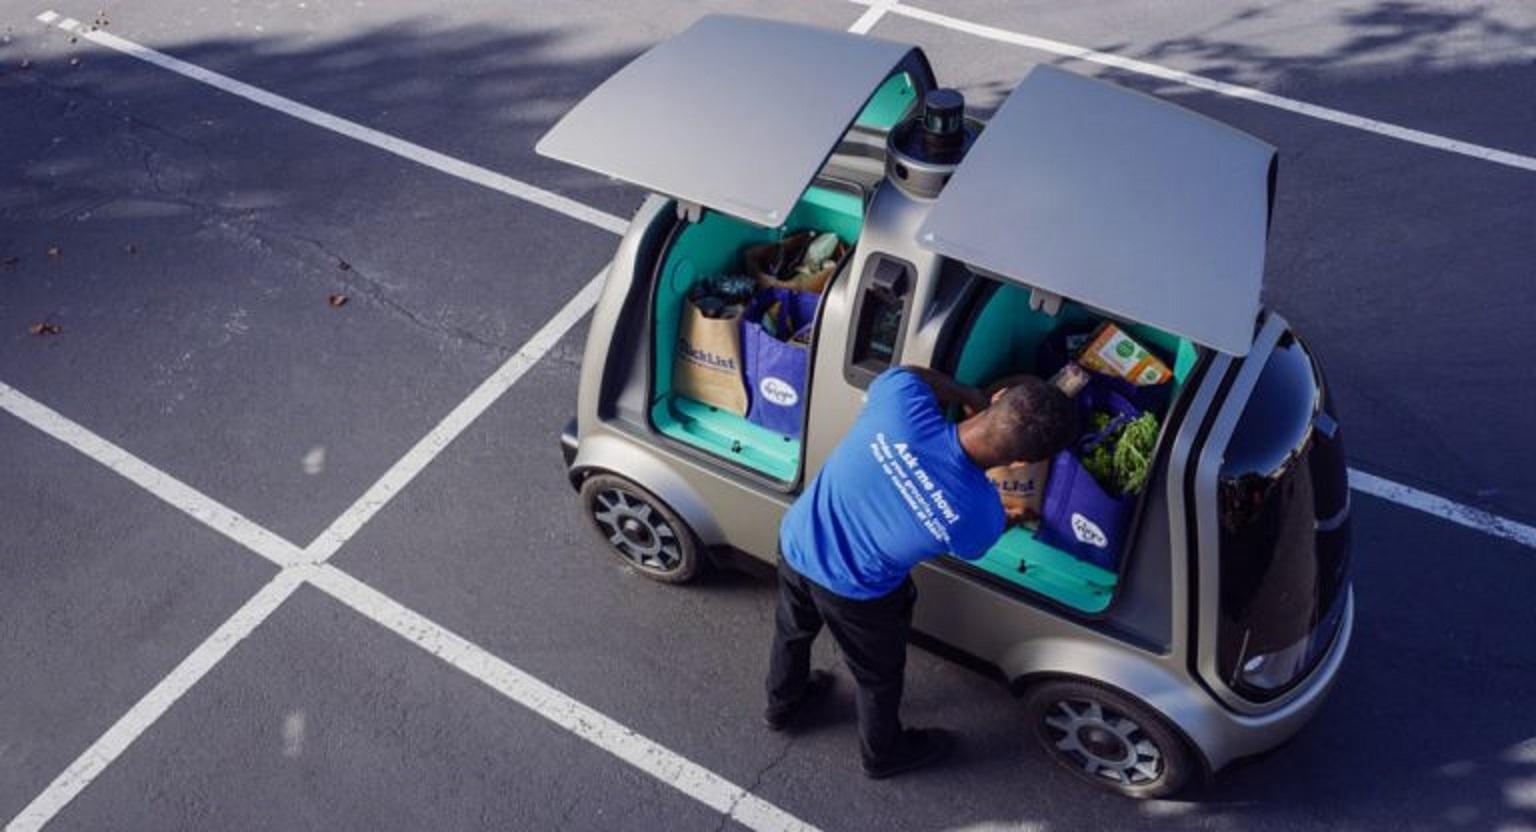 Chạy thử 5000 xe giao hàng không người lái trên đường phố công cộng